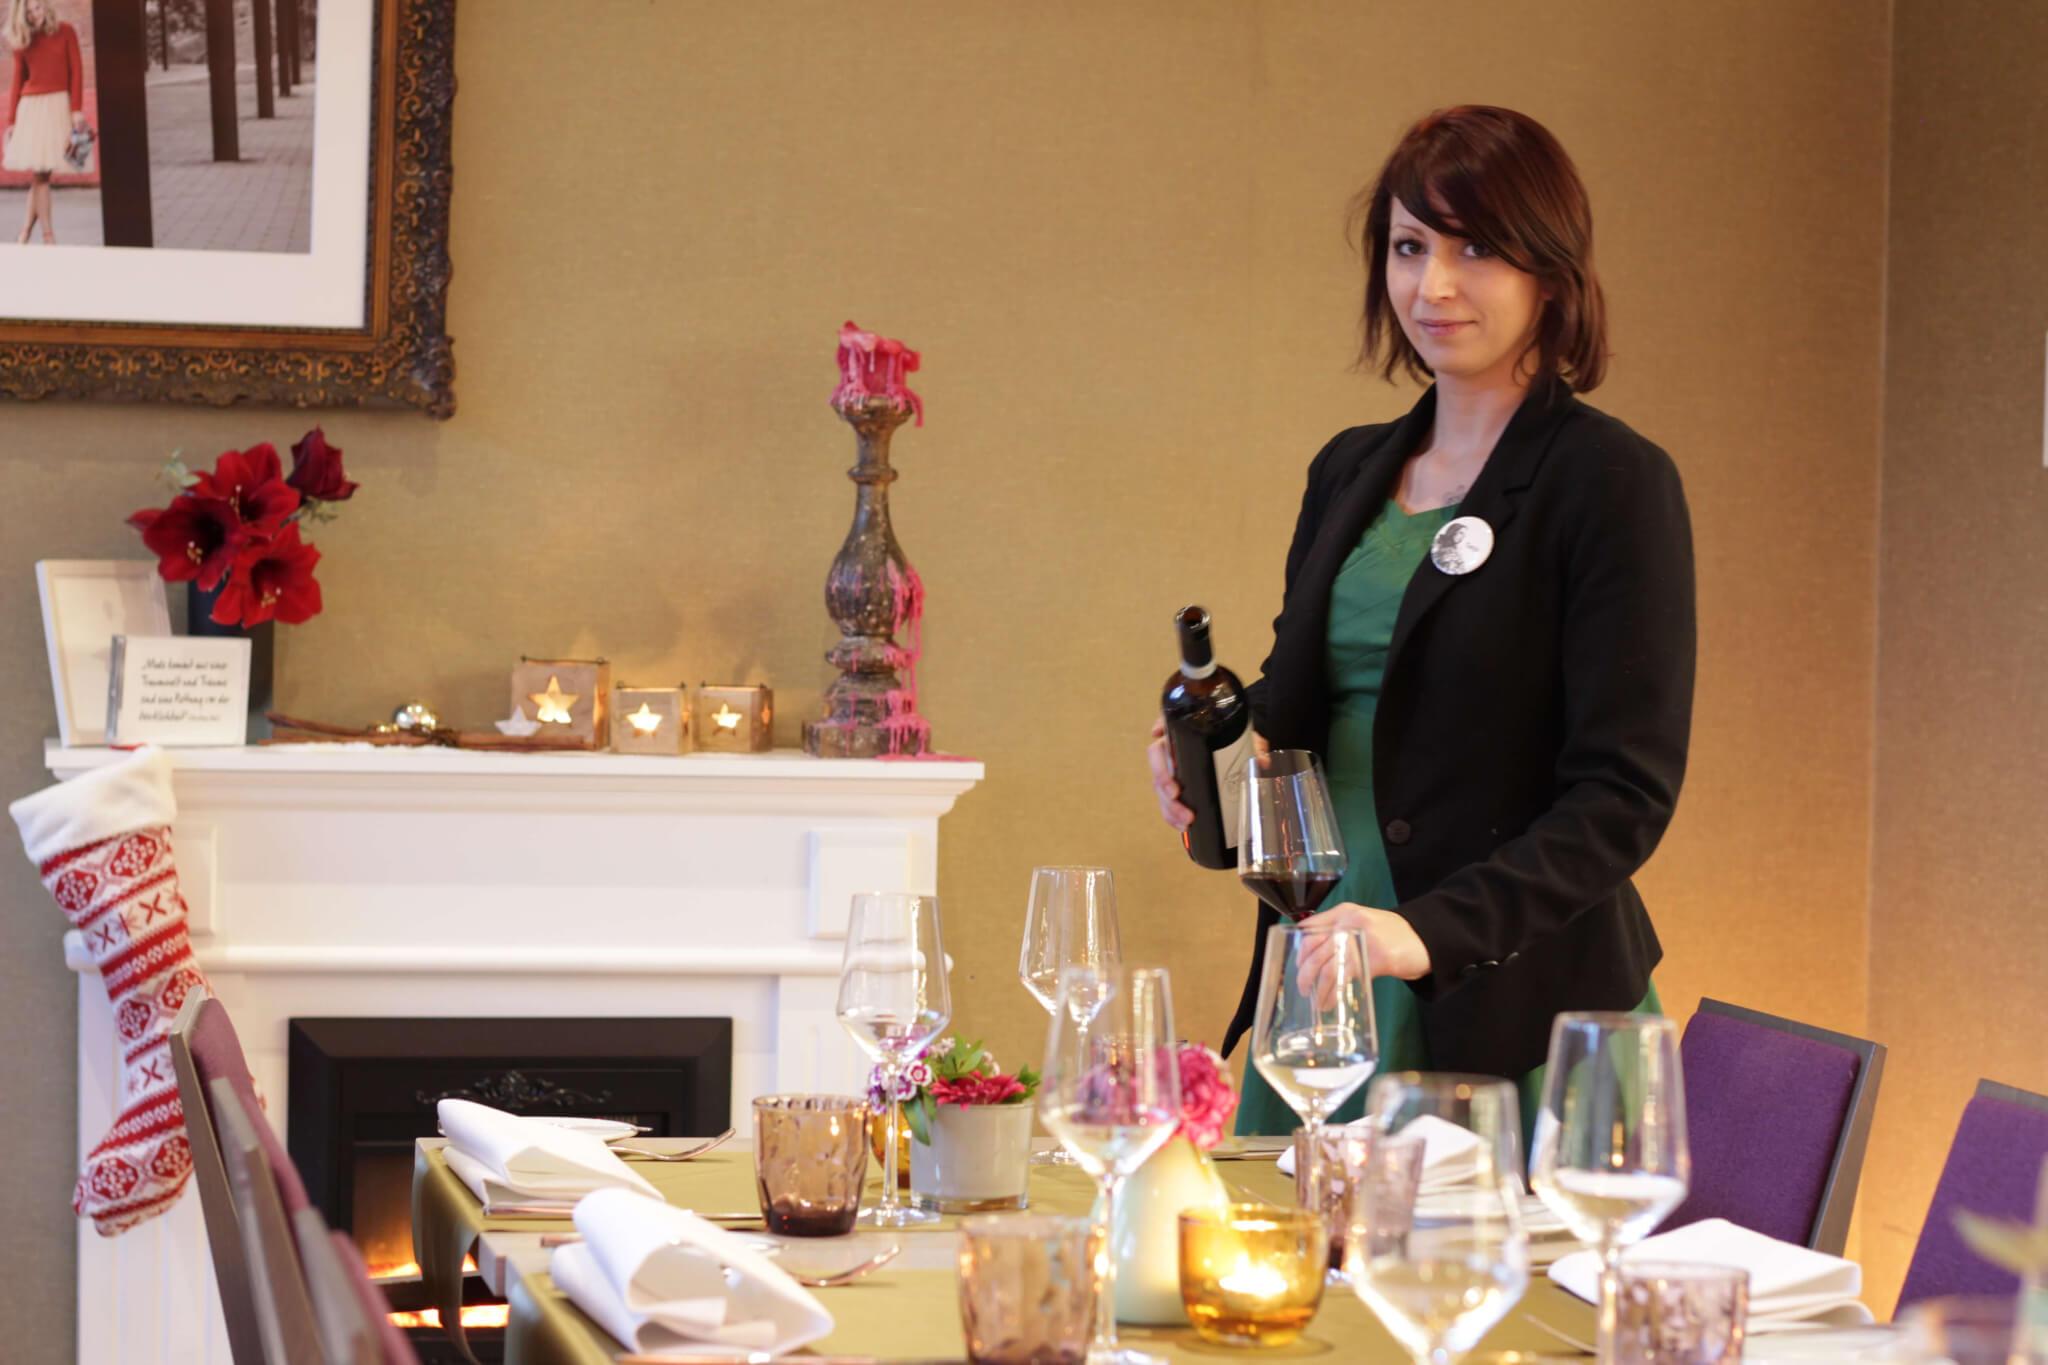 gedeckter Tisch mit Tanja Wein ausschenken